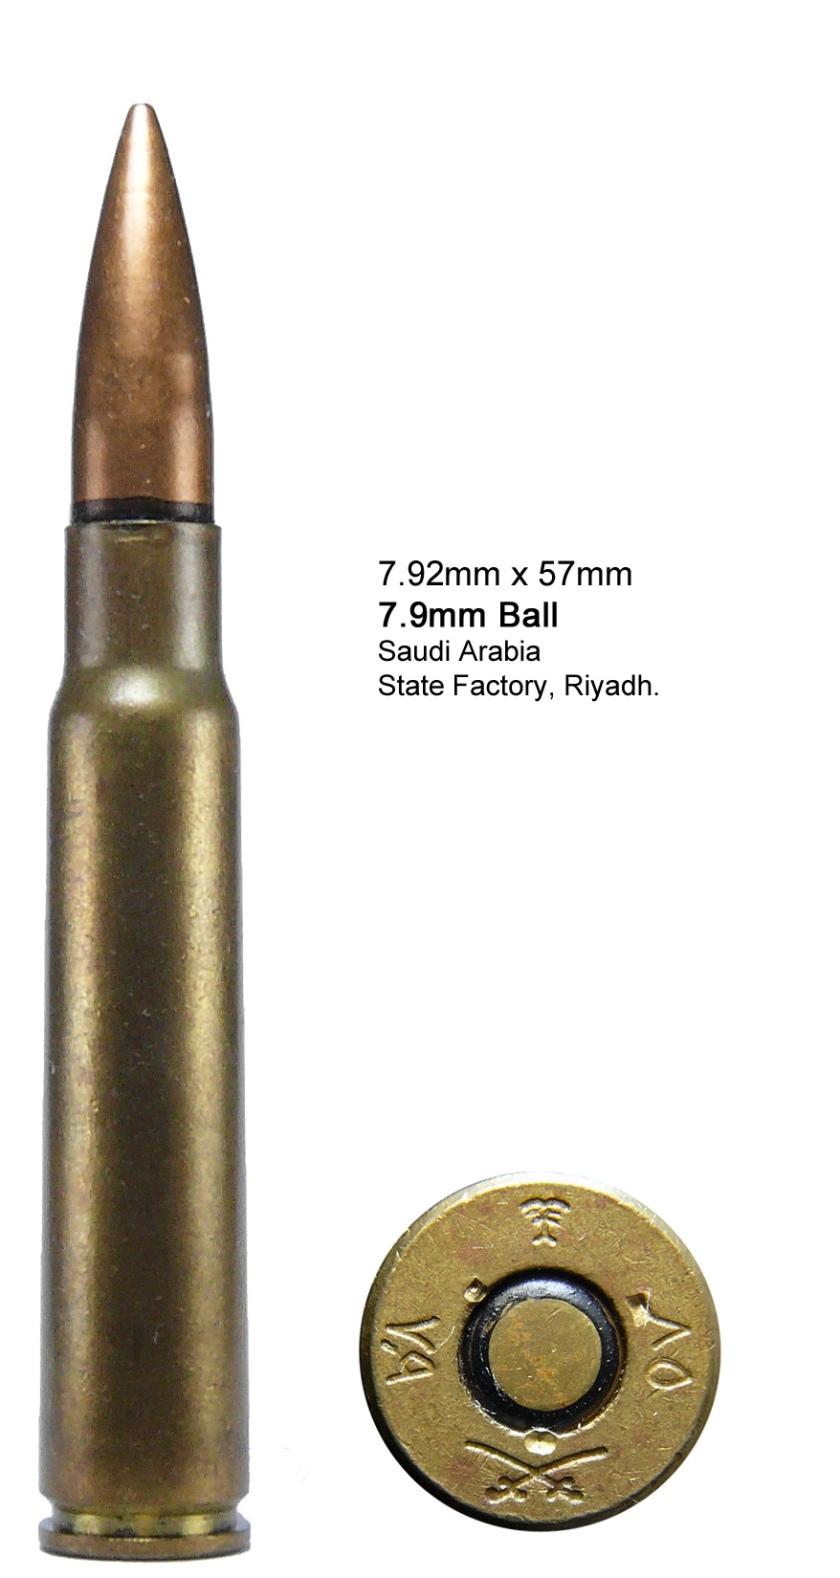 Saudi Arabia (1)